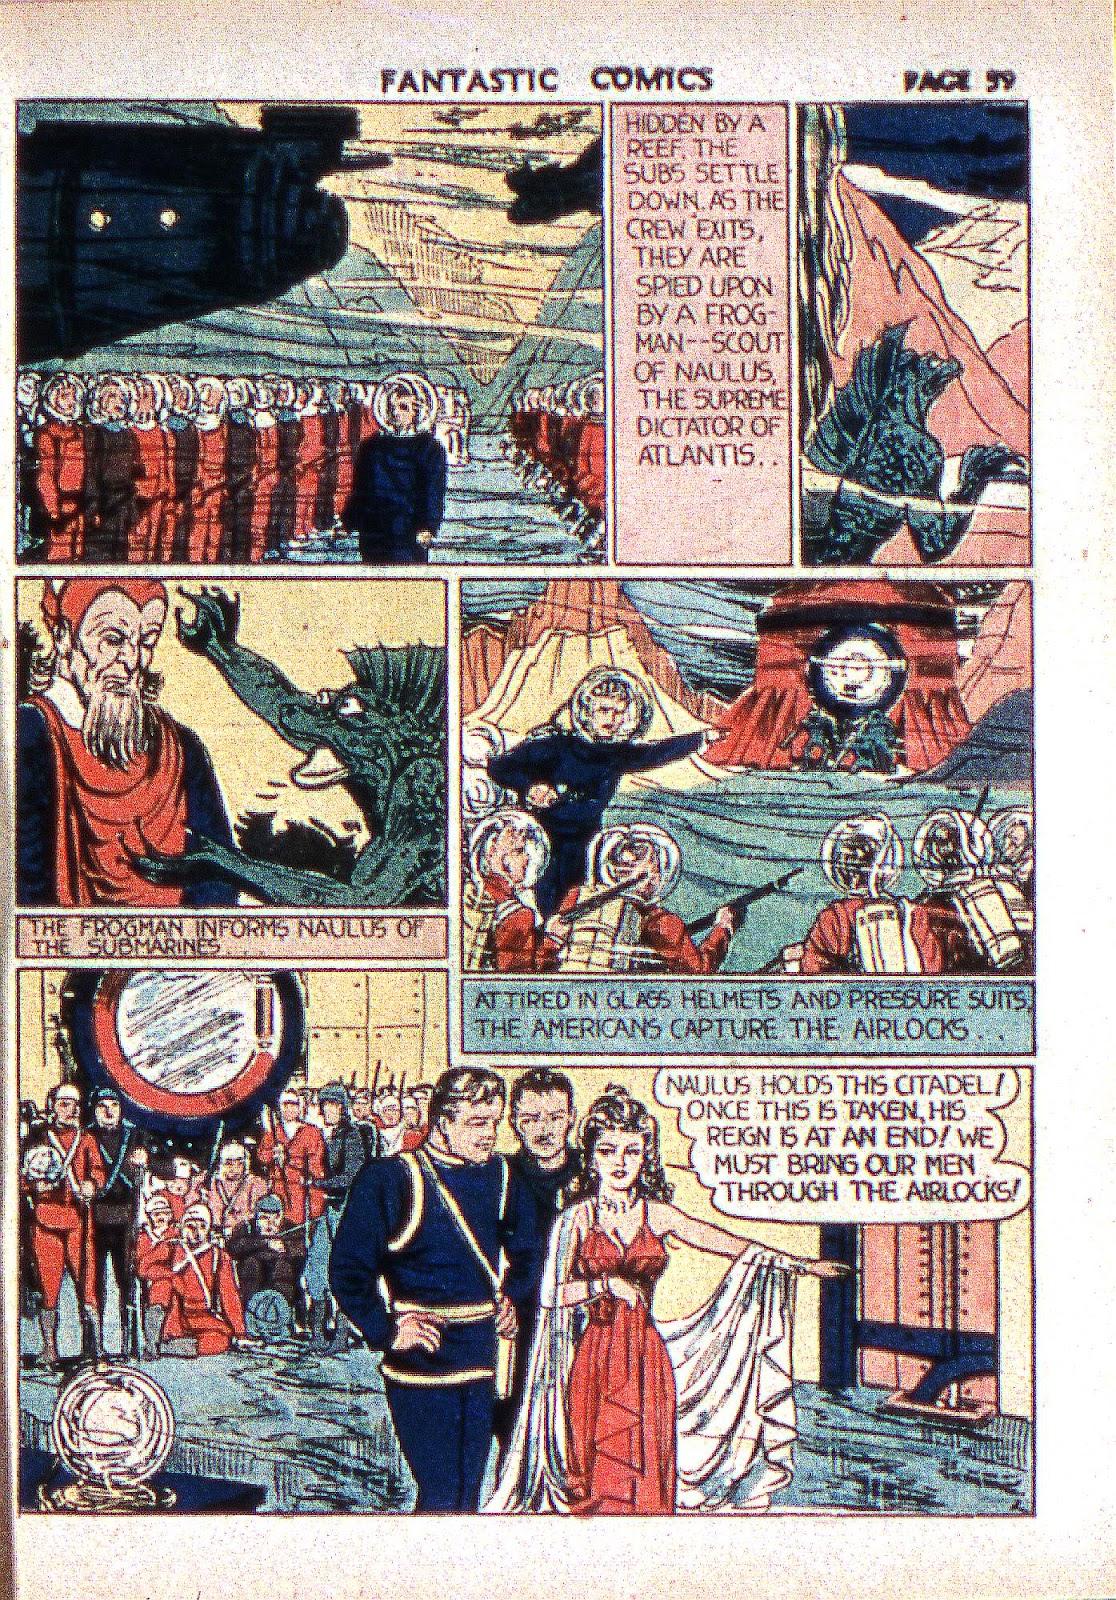 Read online Fantastic Comics comic -  Issue #2 - 60